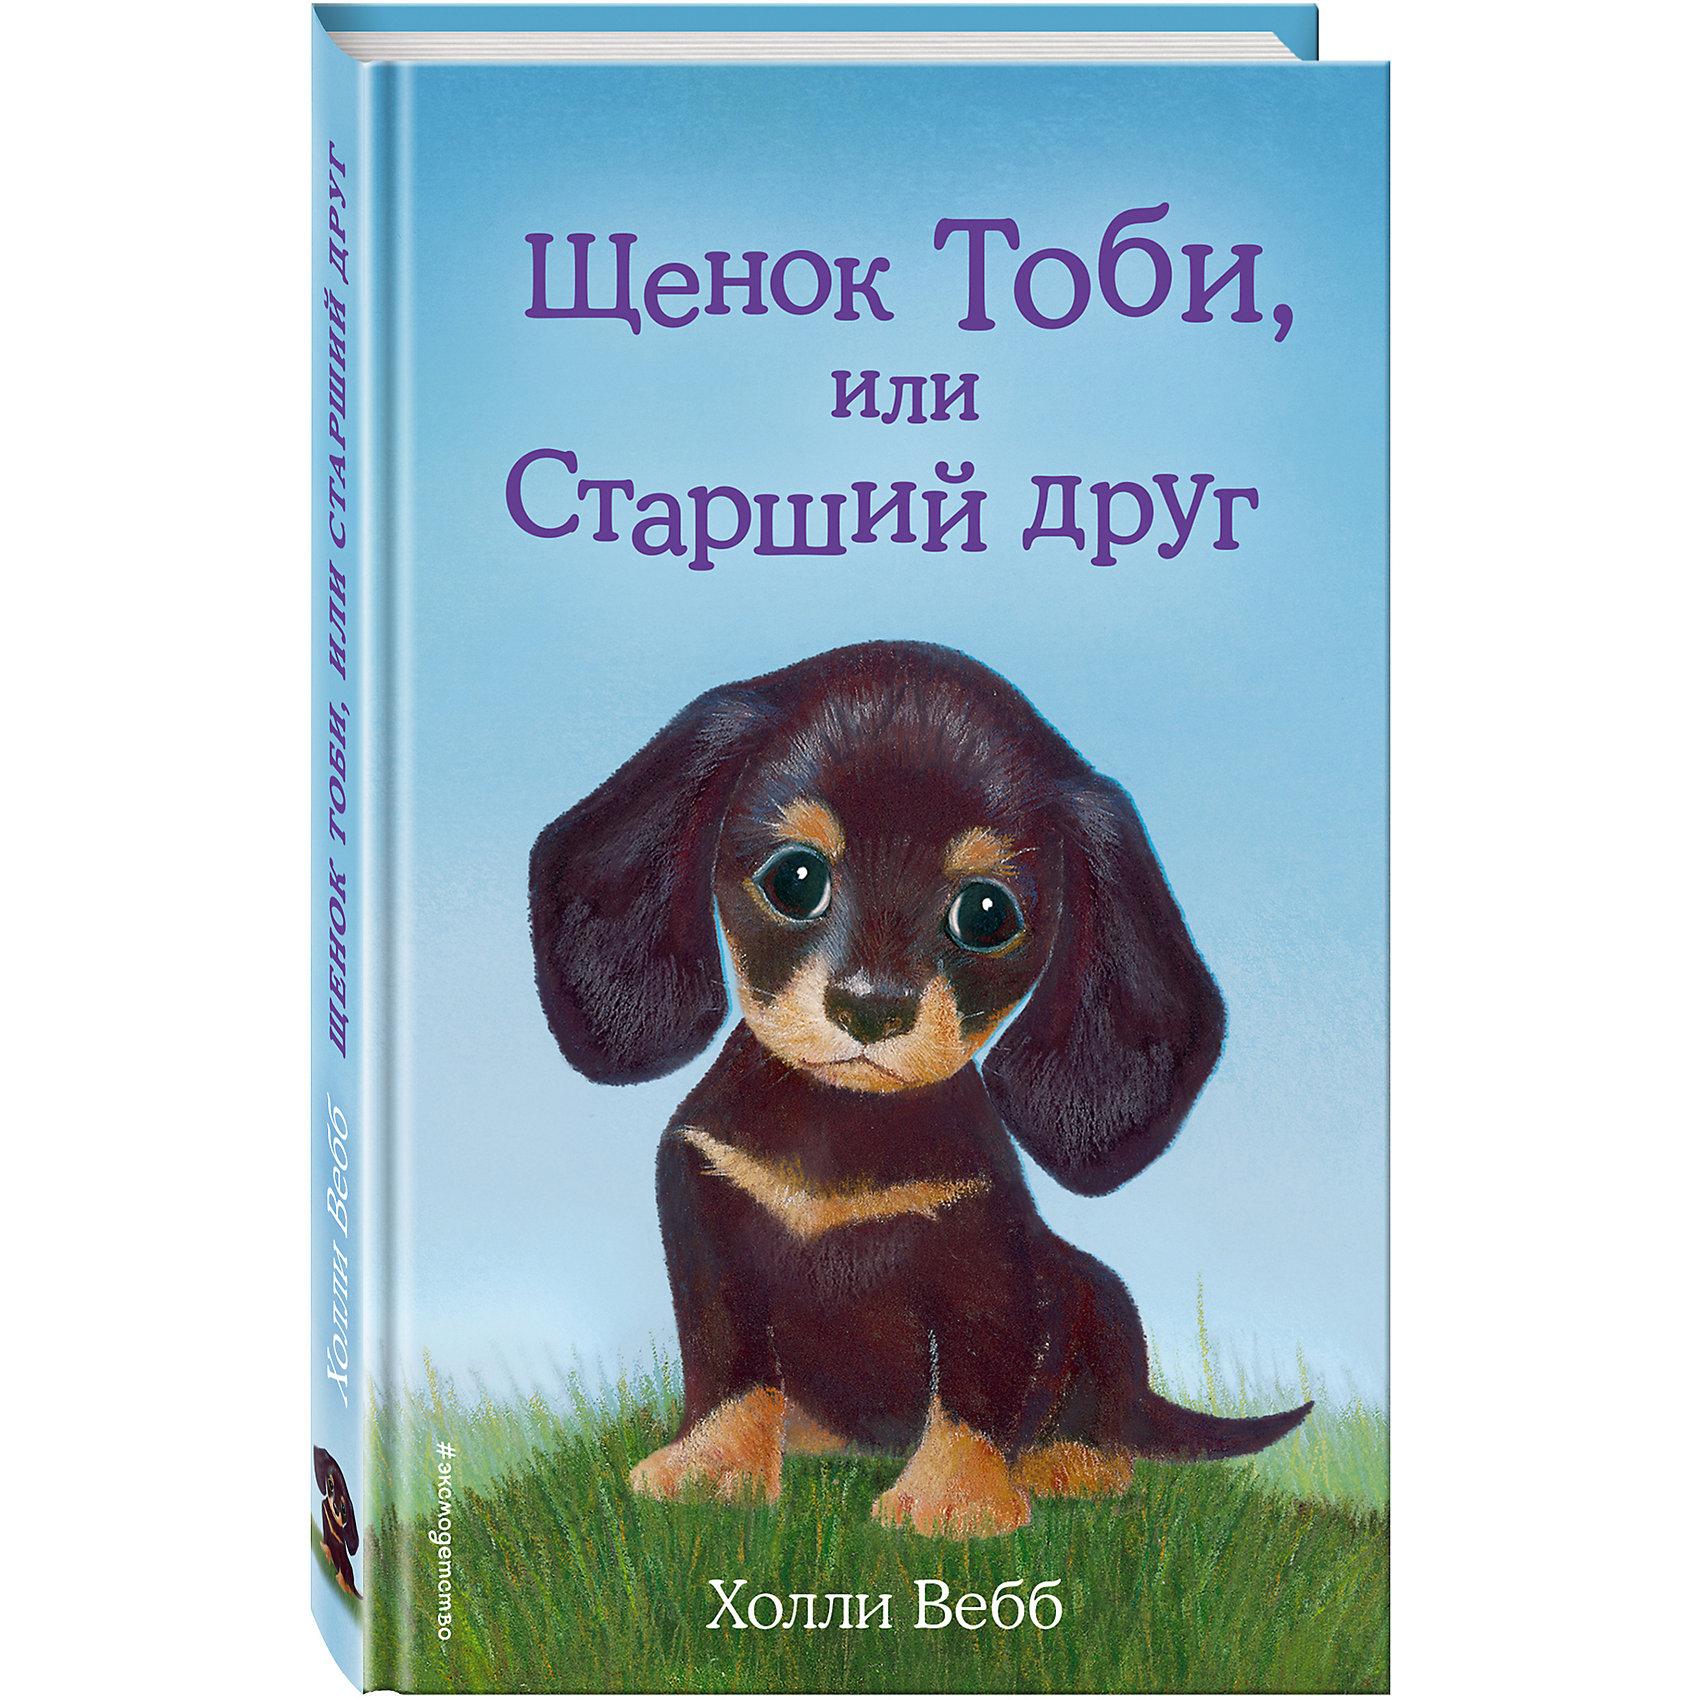 Щенок Тоби, или Старший другСказки, рассказы, стихи<br>Девочка Руби получила долгожданный подарок – щенка Тоби. Тоби – кроличья такса, то есть совсем крошечный, но очень любопытный и очень громкий песик. Он с лаем бросался на любую собаку, неважно какого размера, лишь та подходила к его обожаемой хозяйке. Тоби думал, что так он защищает девочку, а Руби было стыдно за поведение щенка. Для того, чтобы ходить в школу дрессировки, Тоби еще слишком маленький, поэтому Руби с любимцем стали гулять в безлюдных местах.<br>И однажды Тоби потерялся. Руби очень за него испугалась, она знала, сколько опасностей грозит щенку на улице. Но мир не без добрых людей и собак, главное – не облаять спасителей!<br><br>Ширина мм: 200<br>Глубина мм: 125<br>Высота мм: 60<br>Вес г: 255<br>Возраст от месяцев: 84<br>Возраст до месяцев: 2147483647<br>Пол: Унисекс<br>Возраст: Детский<br>SKU: 5535488